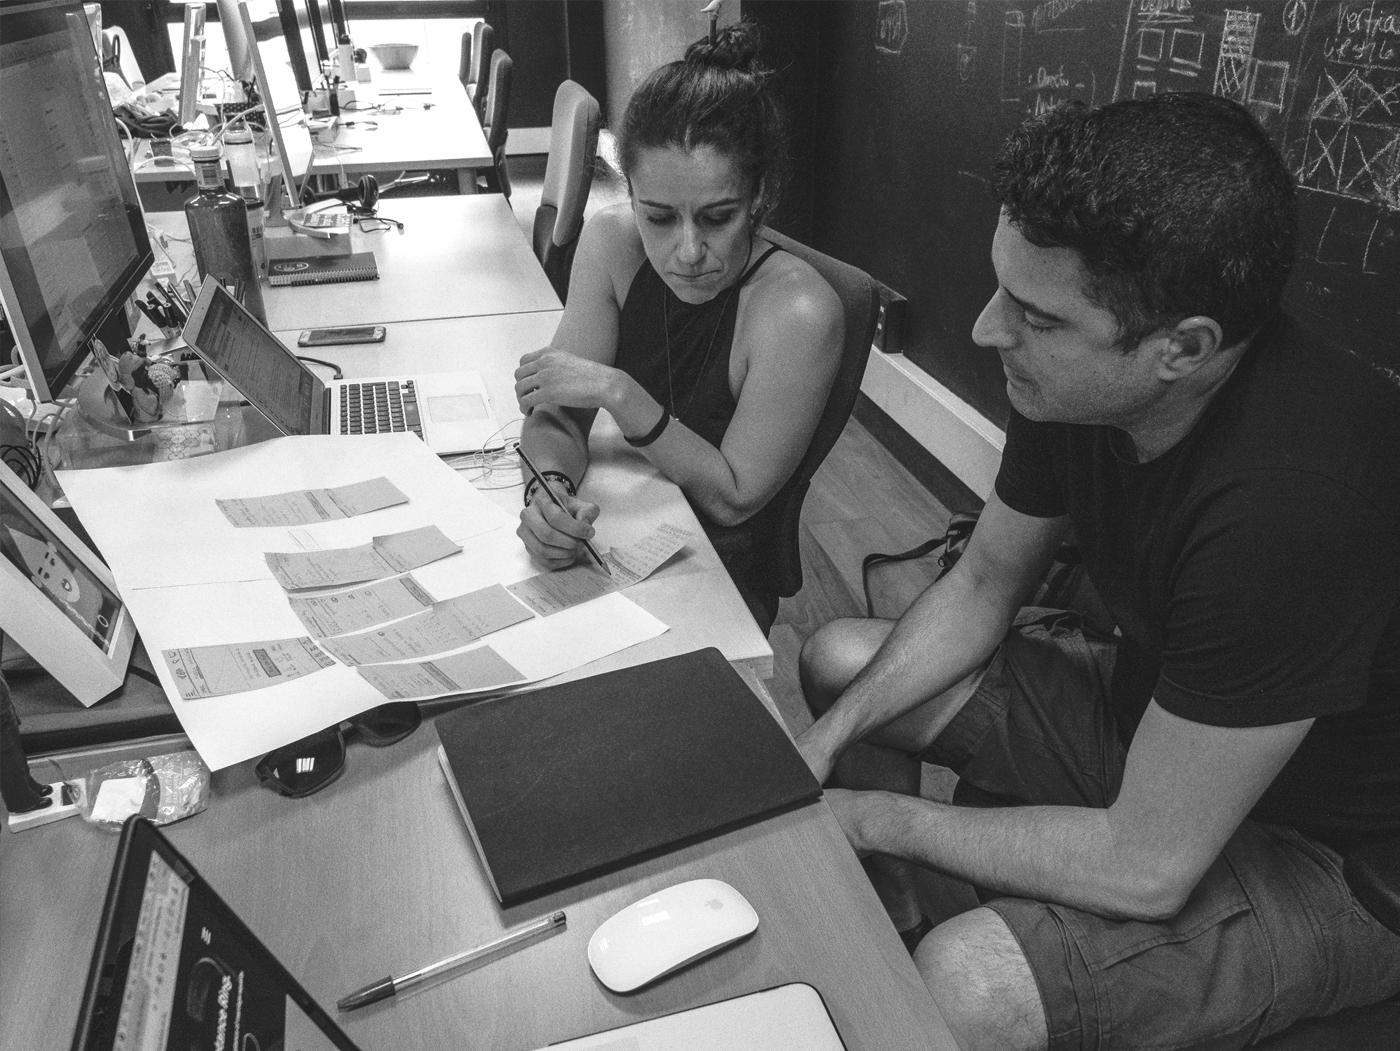 Trabajo de conceptualización junto a JL Rubiales en Secuoyas